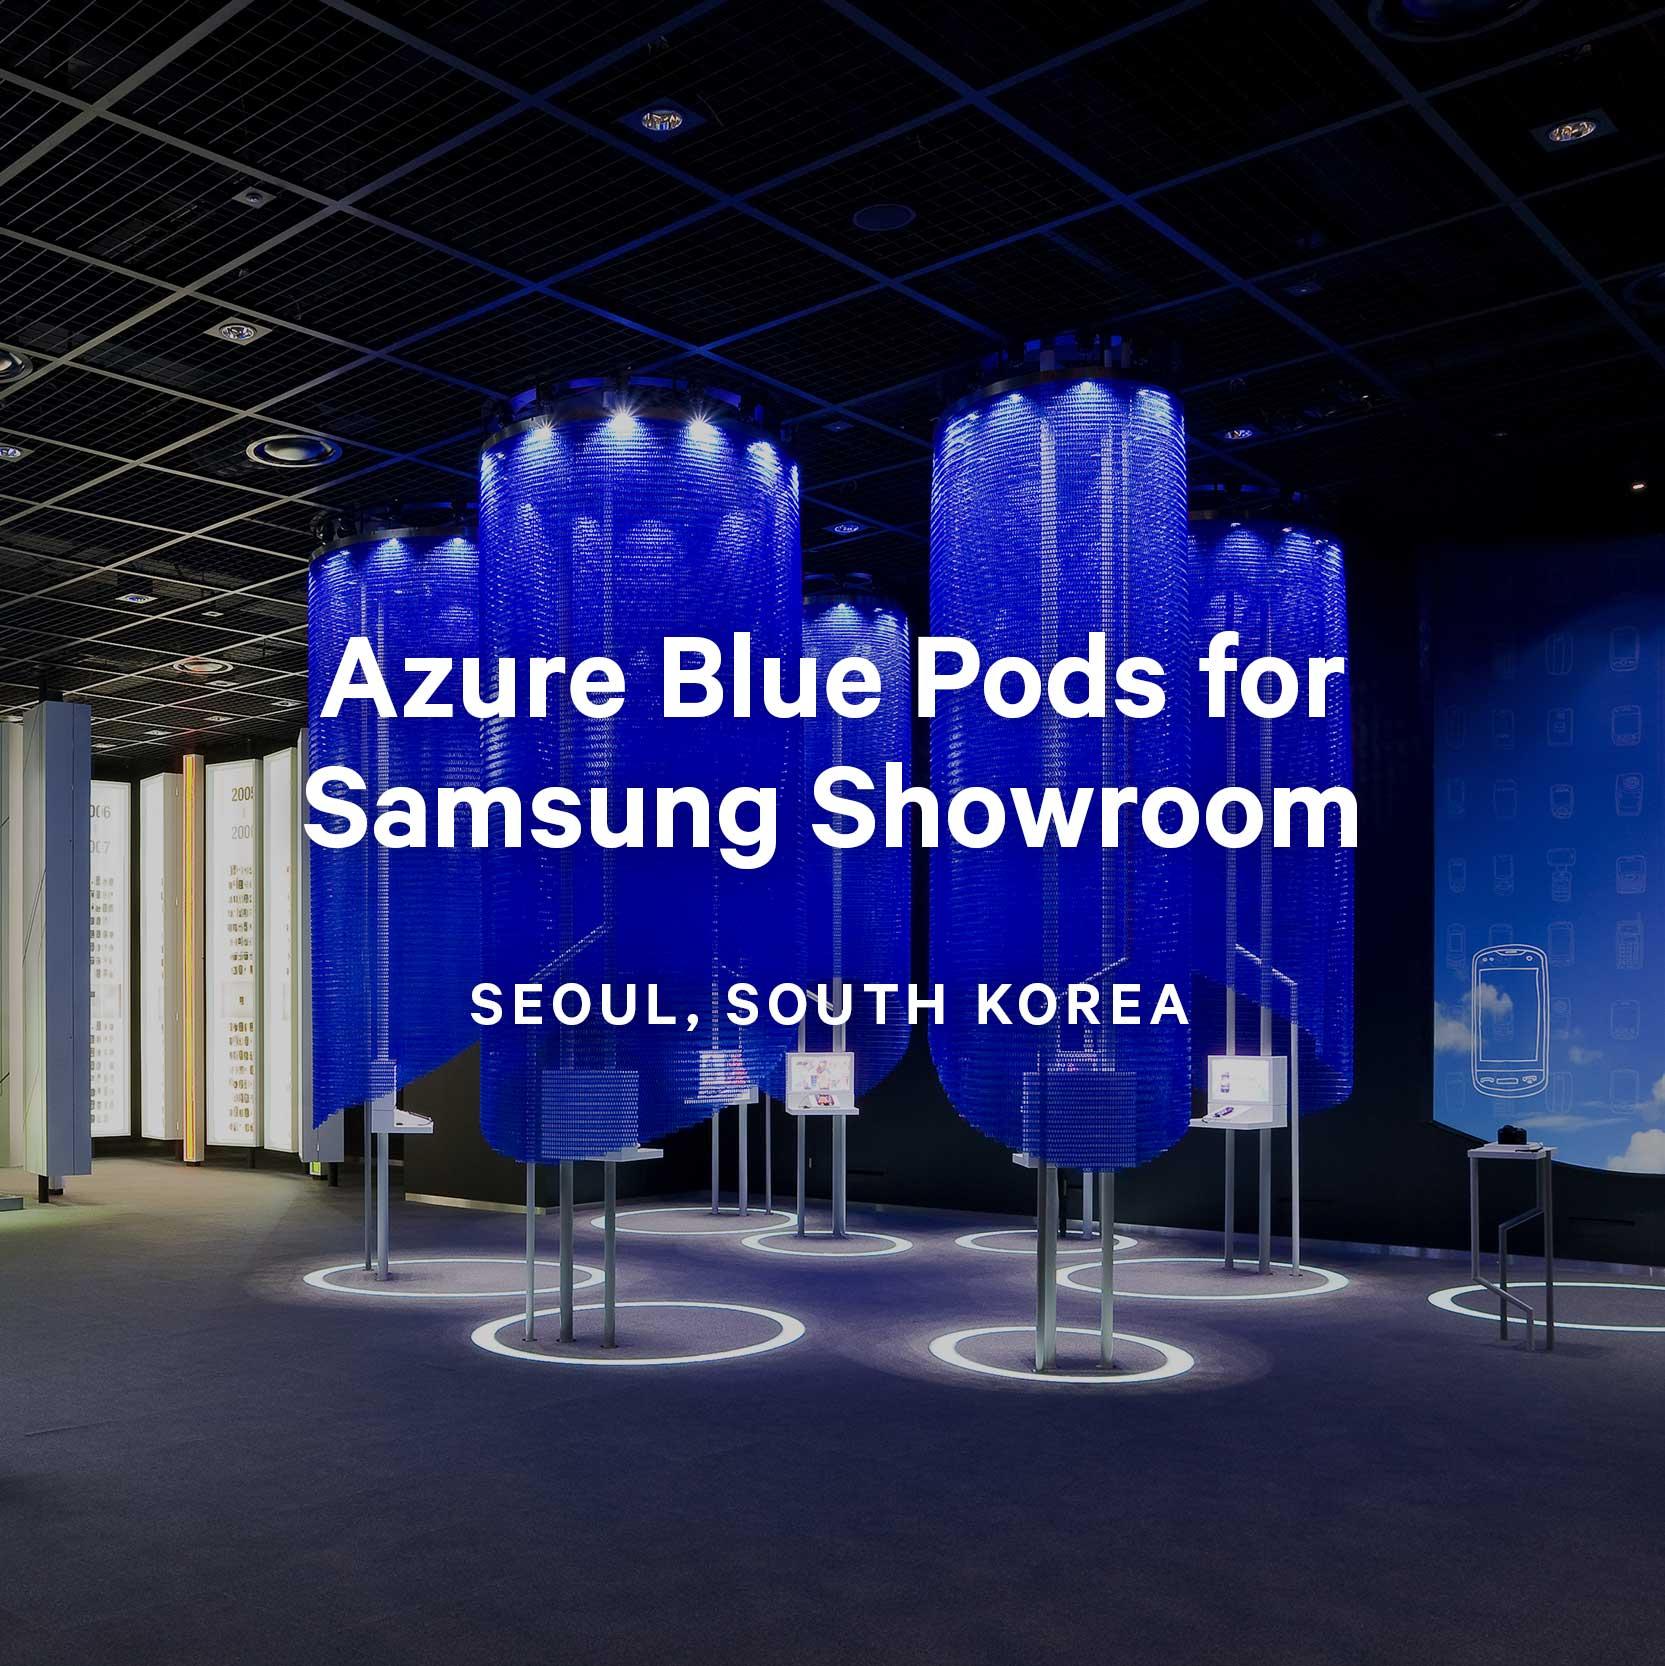 Azure Blue Pods for Samsung Showroom